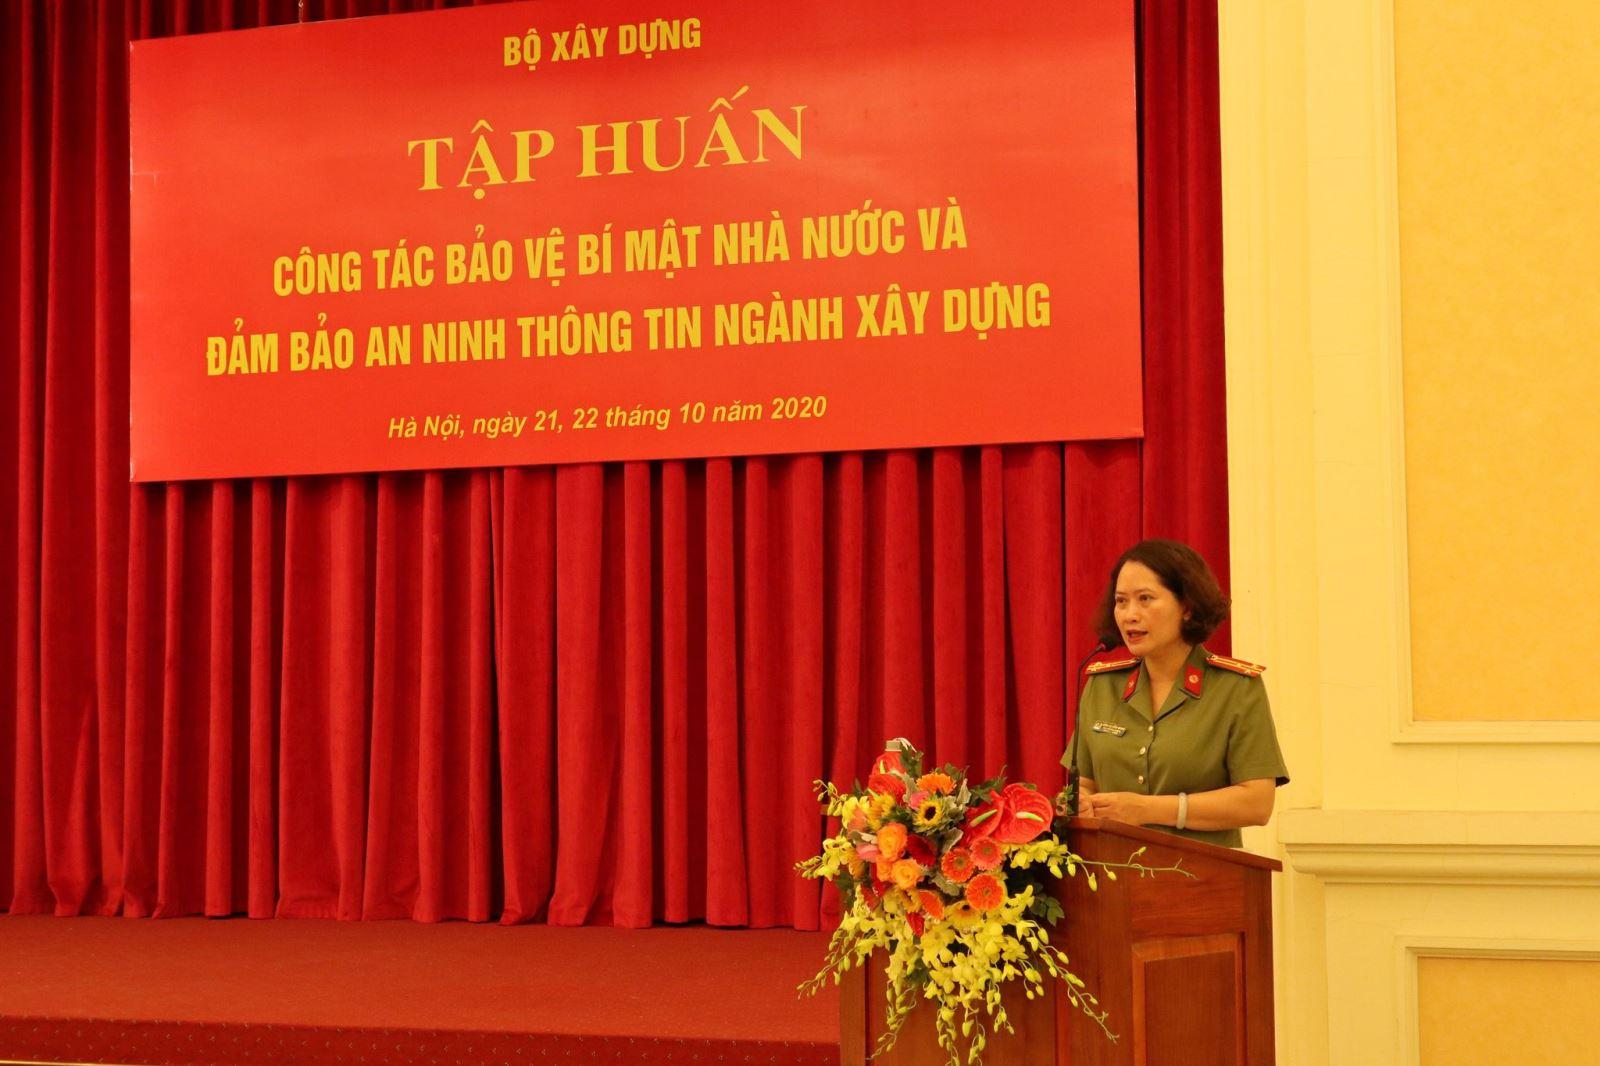 Thượng tá Đặng Hồng Nhung – Phó trưởng phòng Quản lý Nhà nước về bảo vệ bí mật Nhà nước, Cục an ninh chính trị nội bộ, Bộ Công an phổ biến nội dung Tập huấn